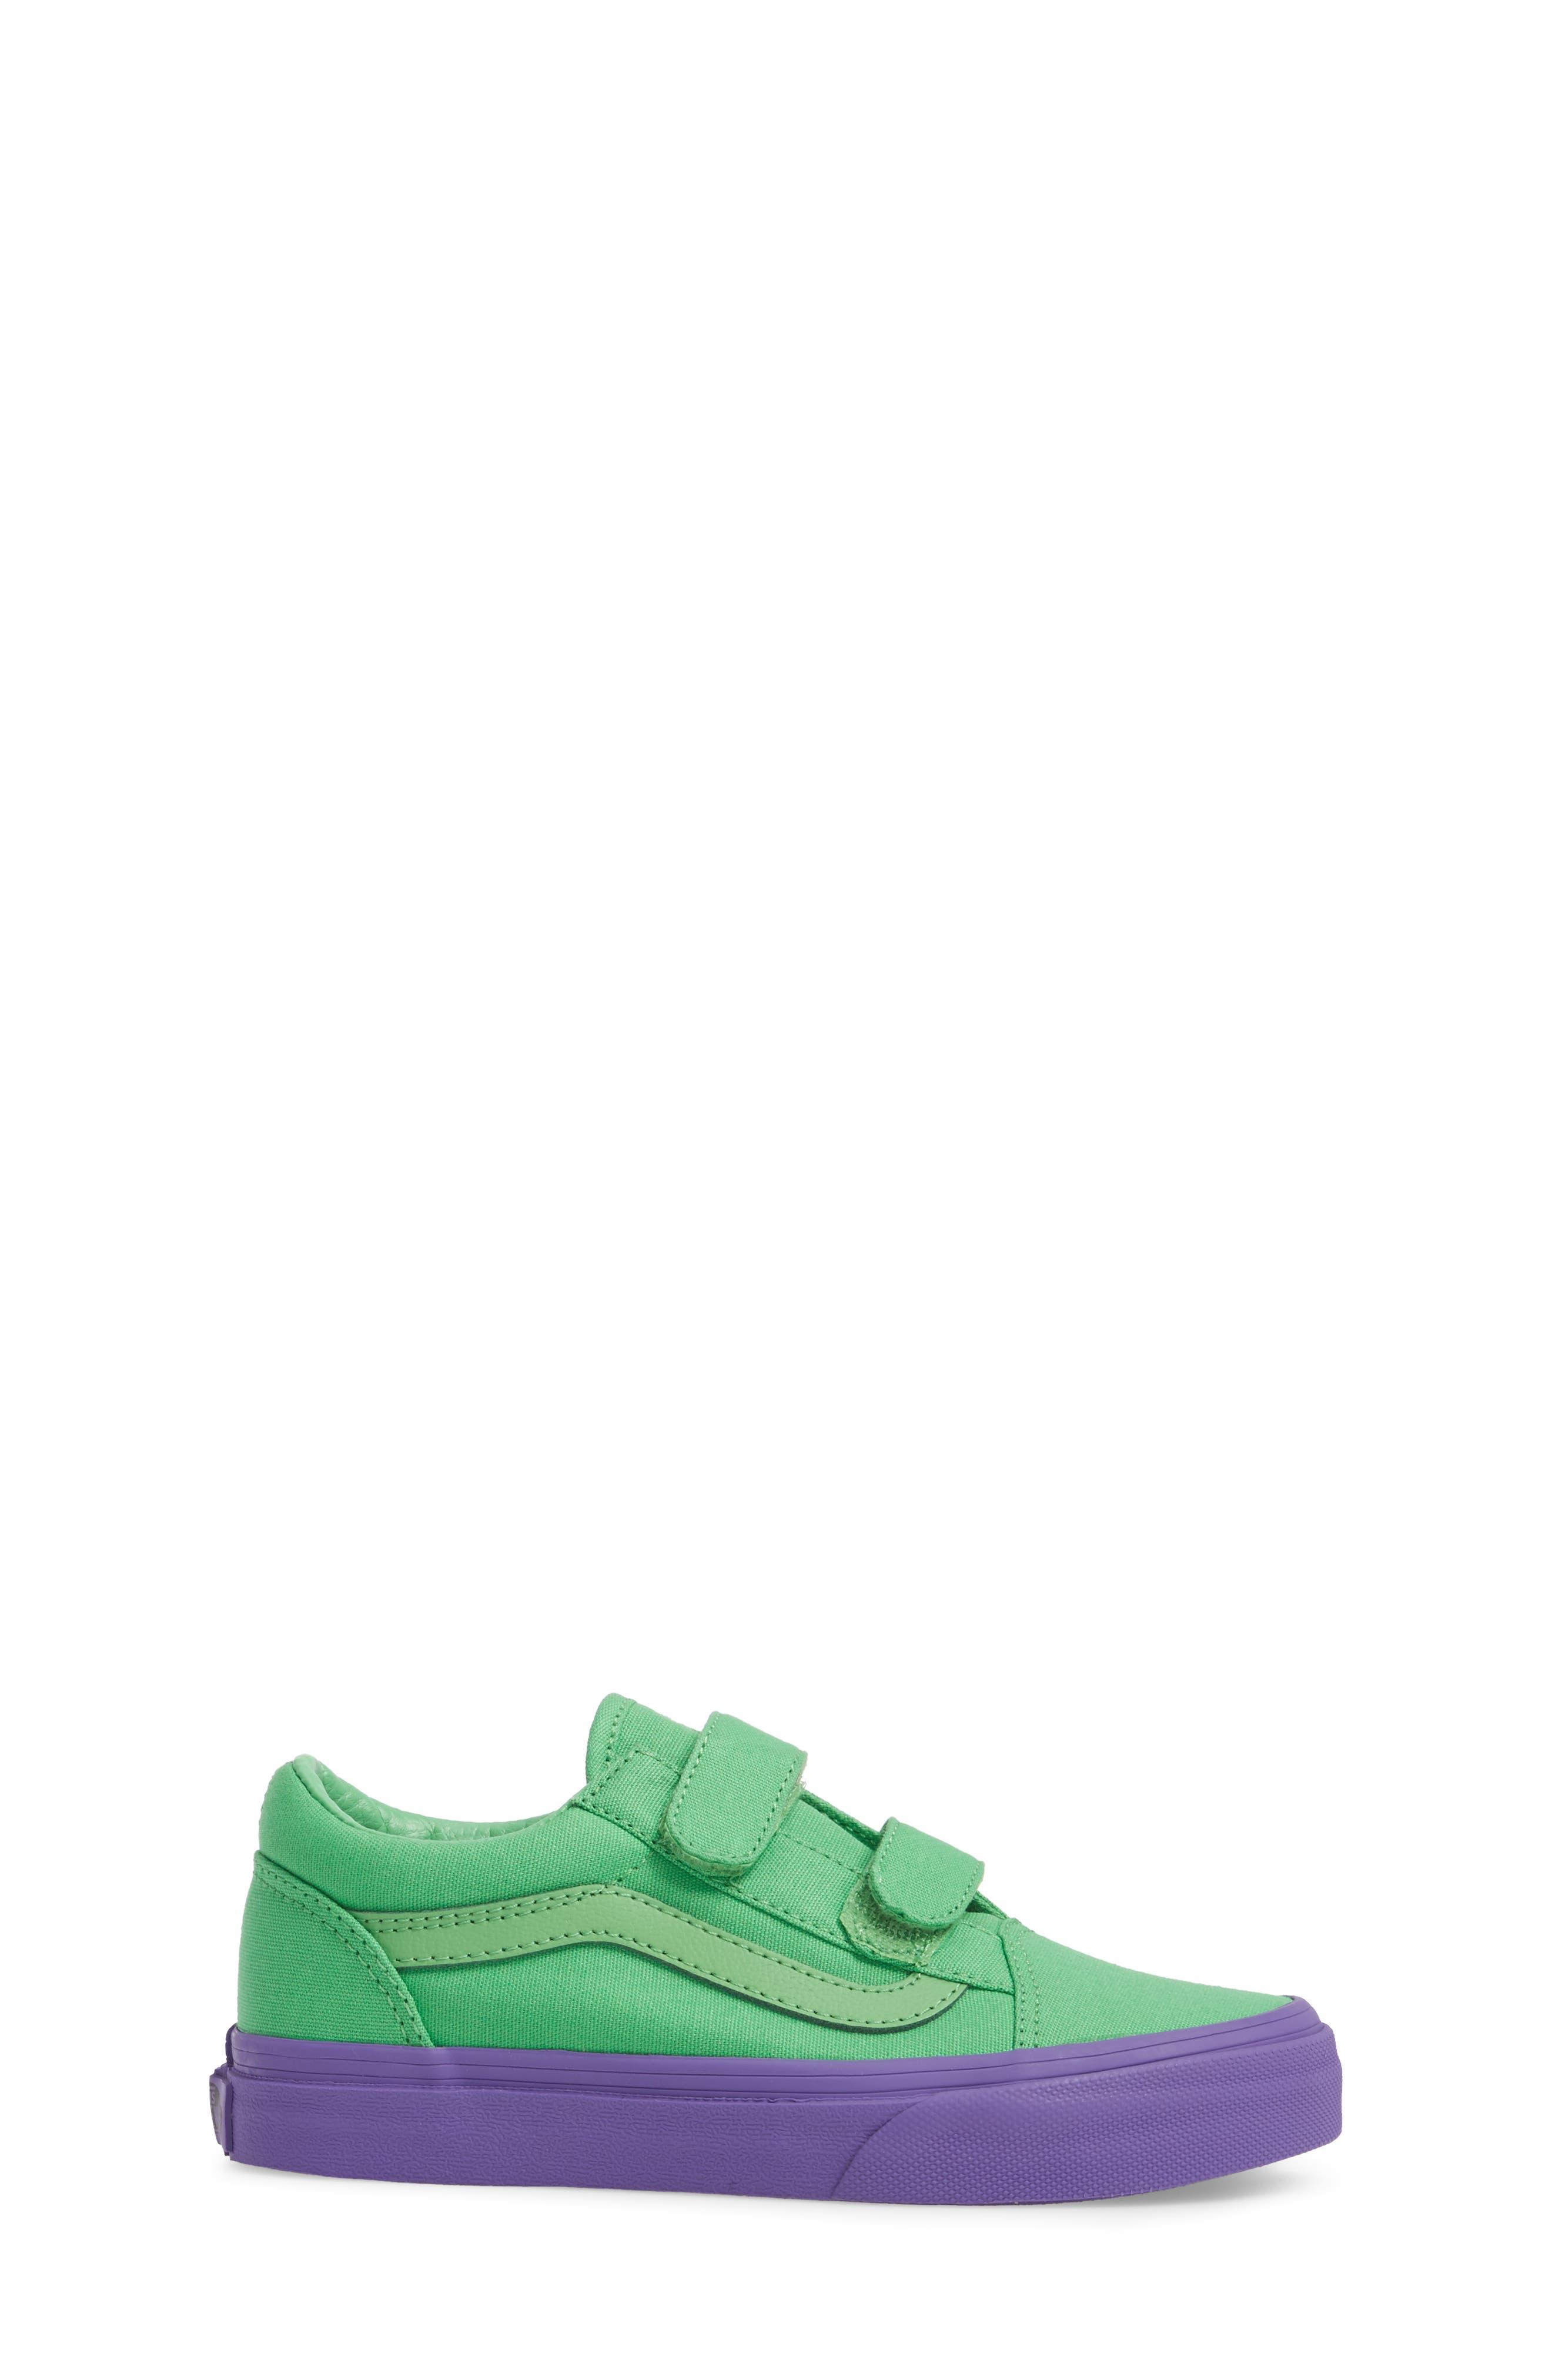 VANS,                             Old Skool V Sneaker,                             Alternate thumbnail 3, color,                             310